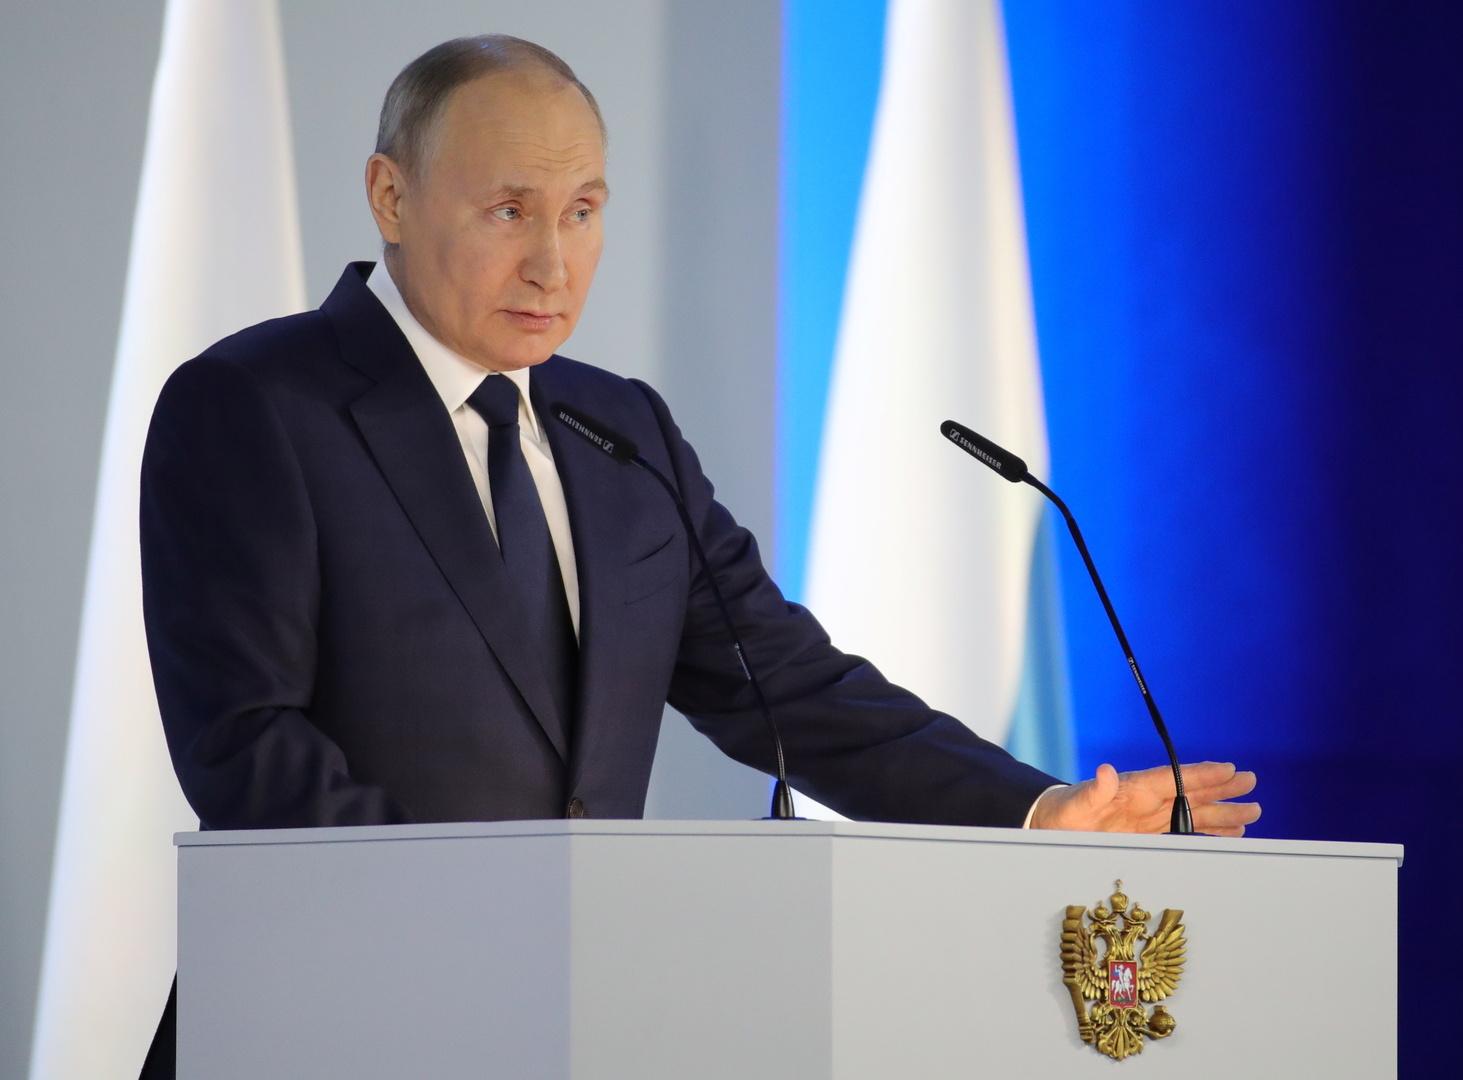 بوتين: تدهور نظام الاستقرار العالمي الاستراتيجي يثير القلق